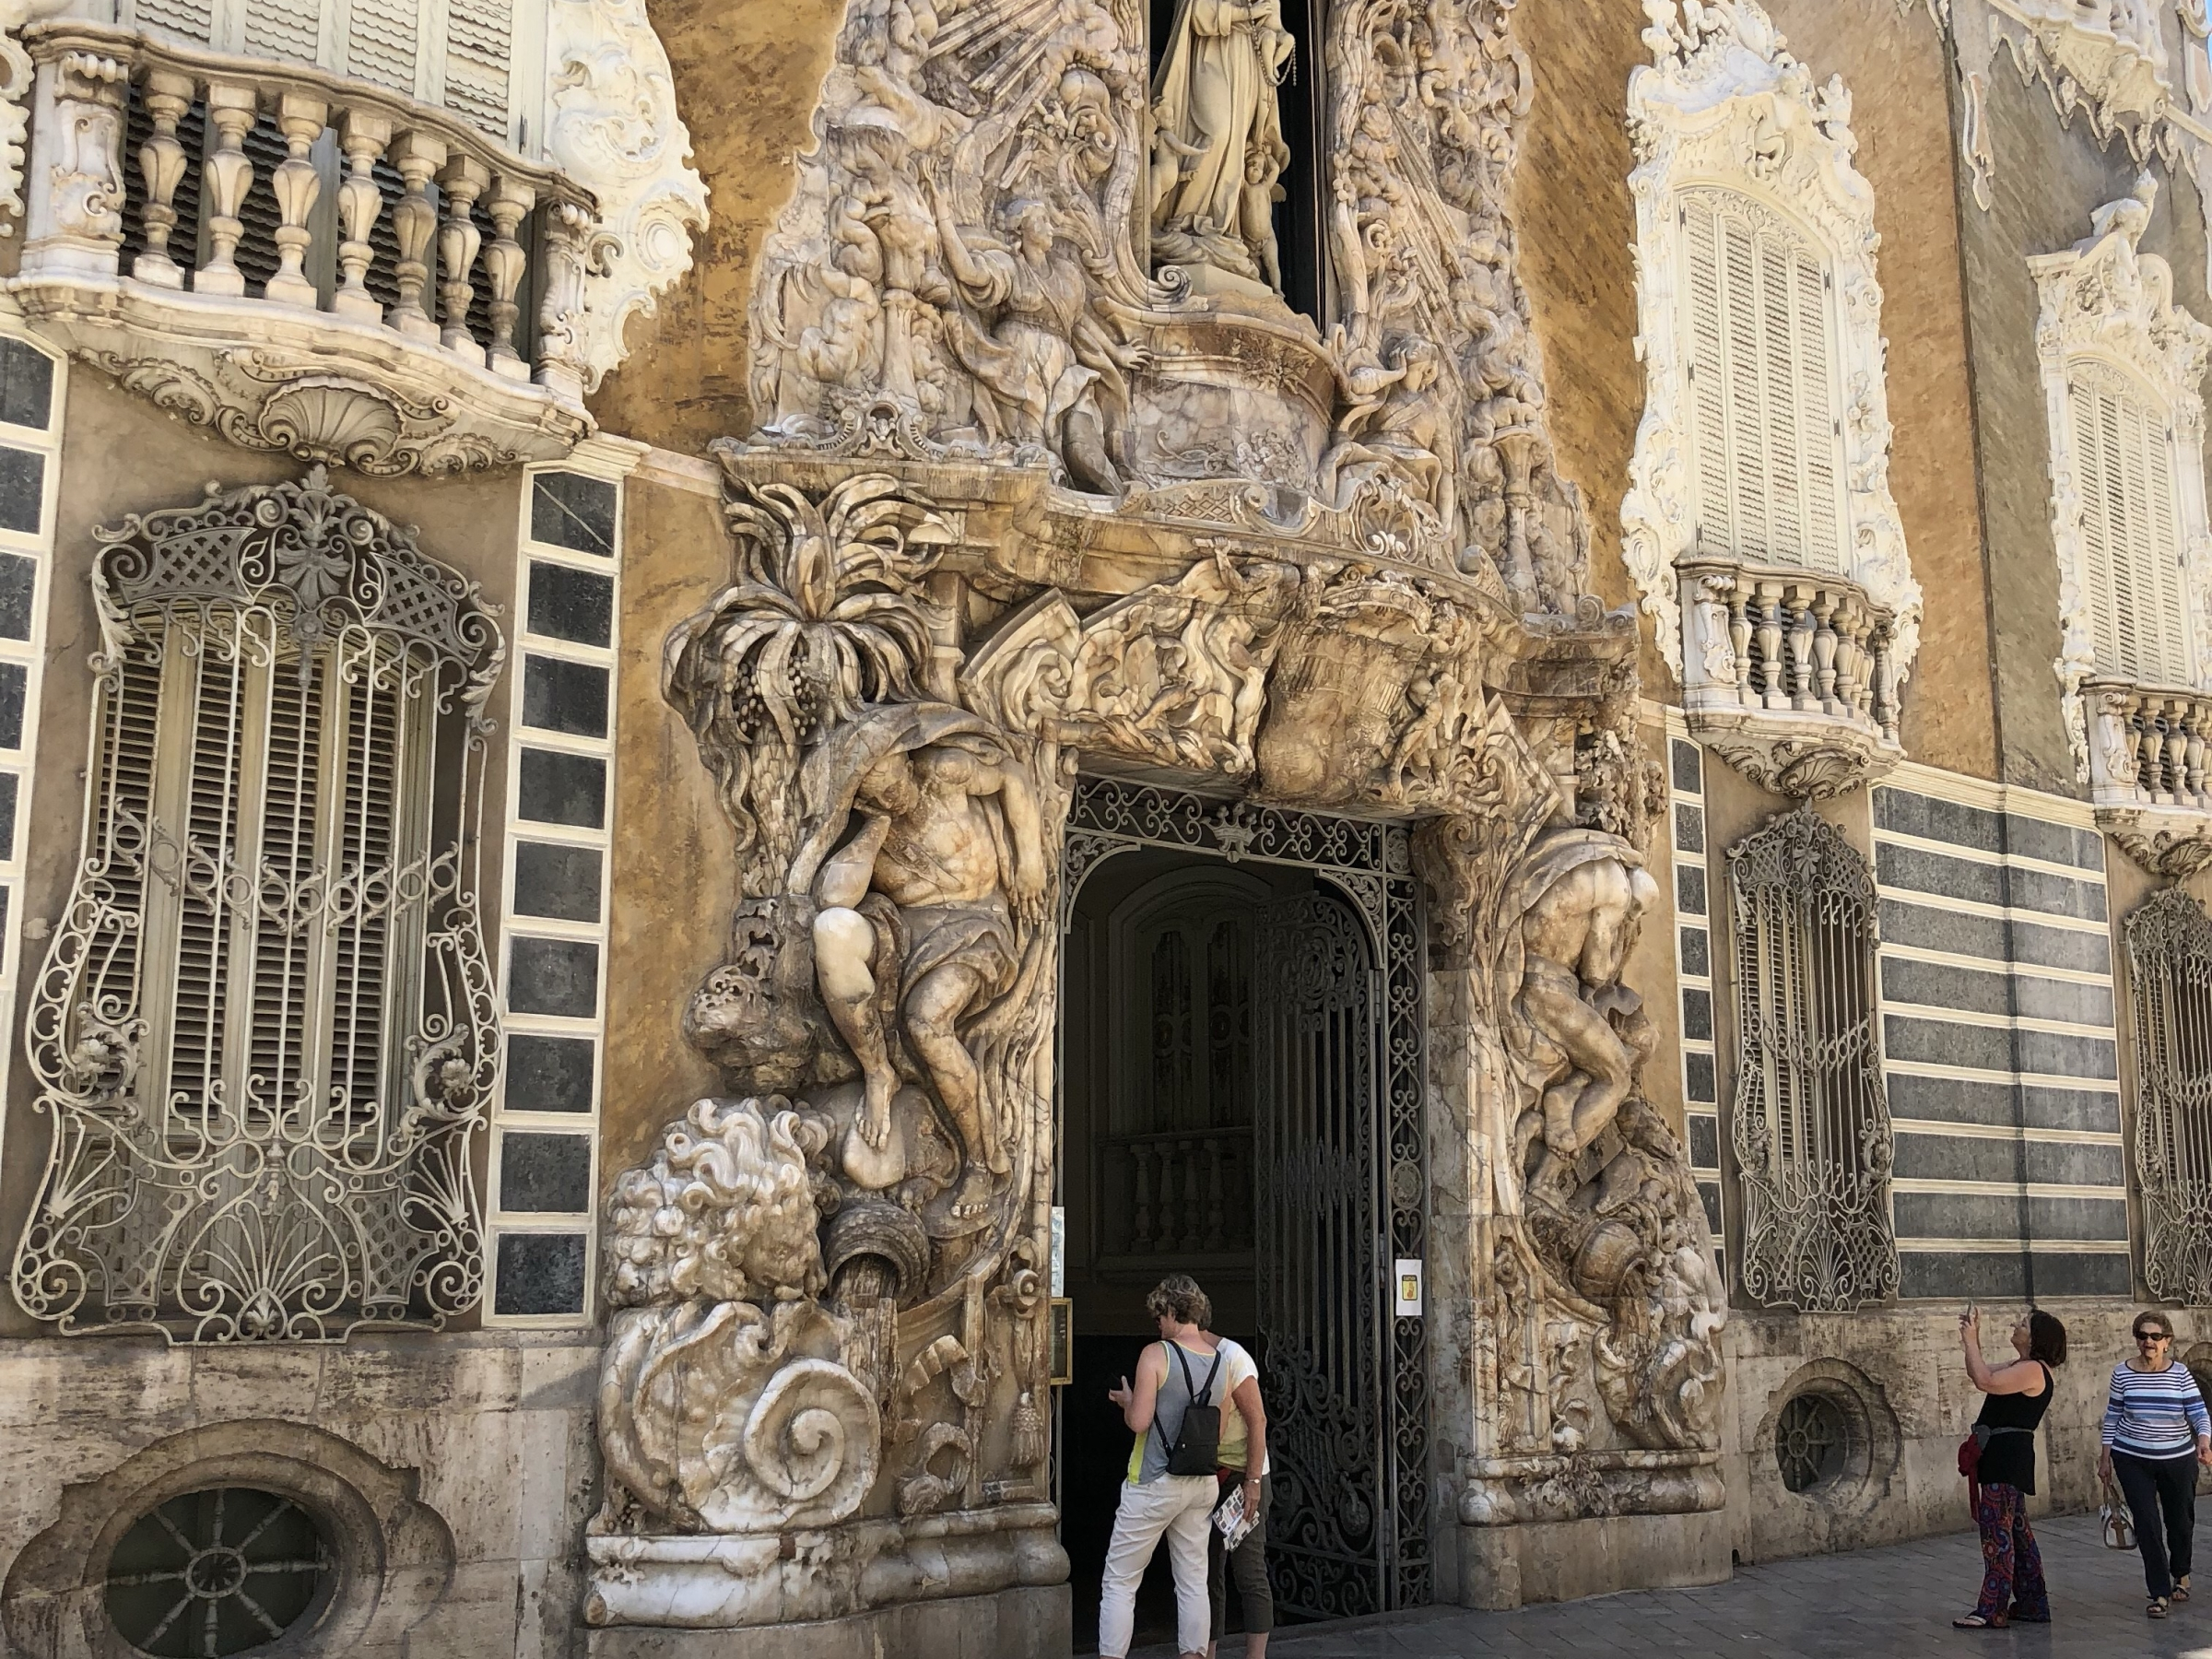 Museo Nacional De Ceramica.El Museo Nacional De Ceramica Y Artes Suntuarias Ernesto S Place